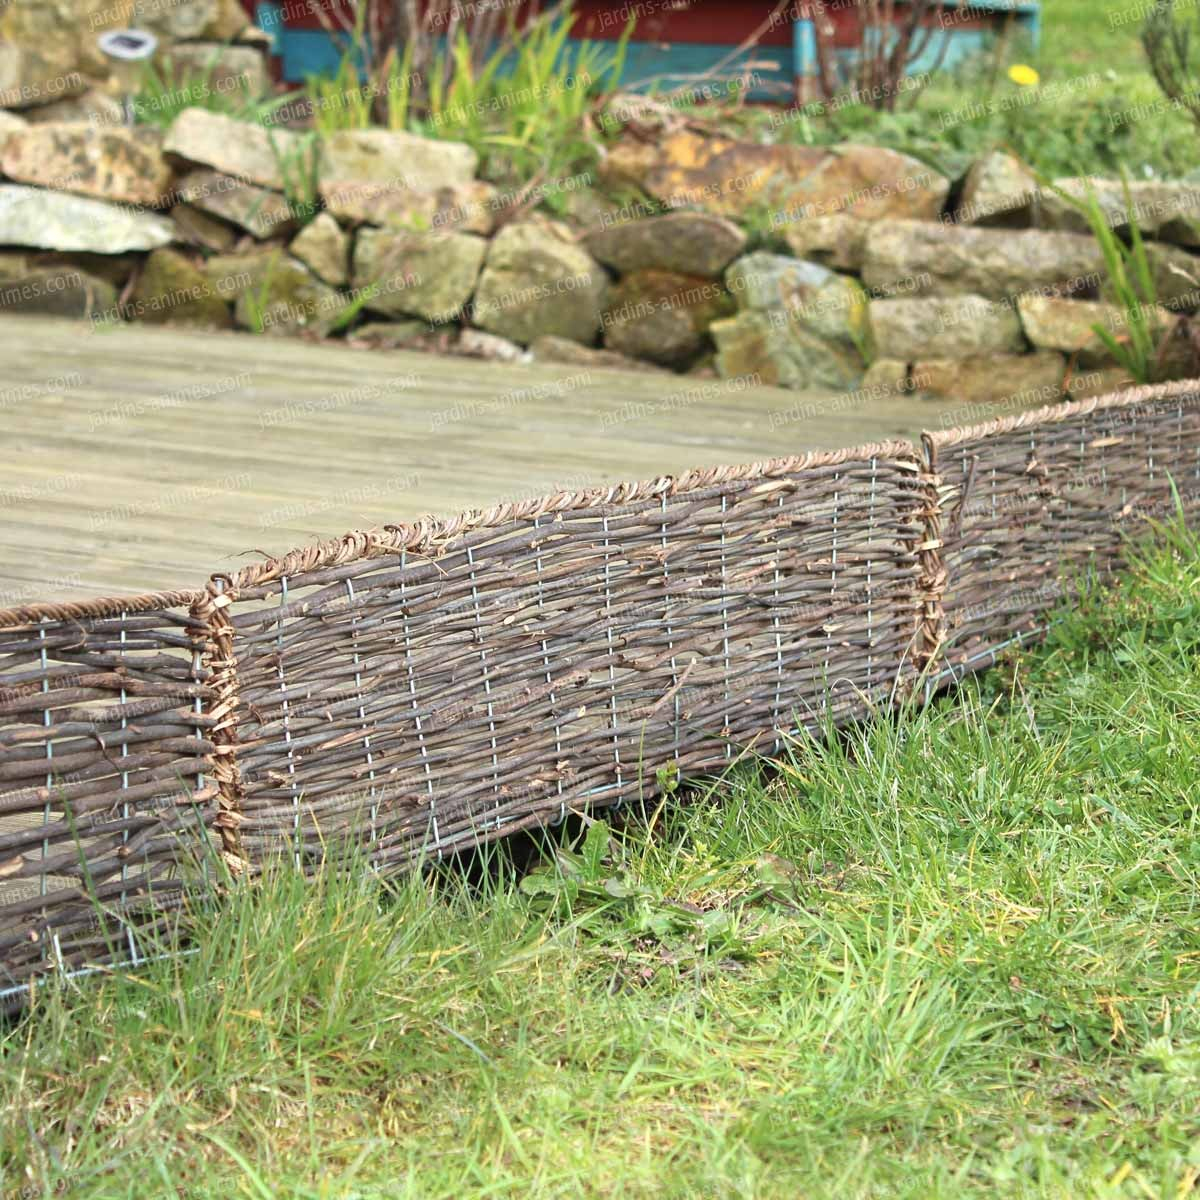 Bordure Bois Jardin Potager – Parrocchiaboarapisani.org pour Bordures Bois Jardin